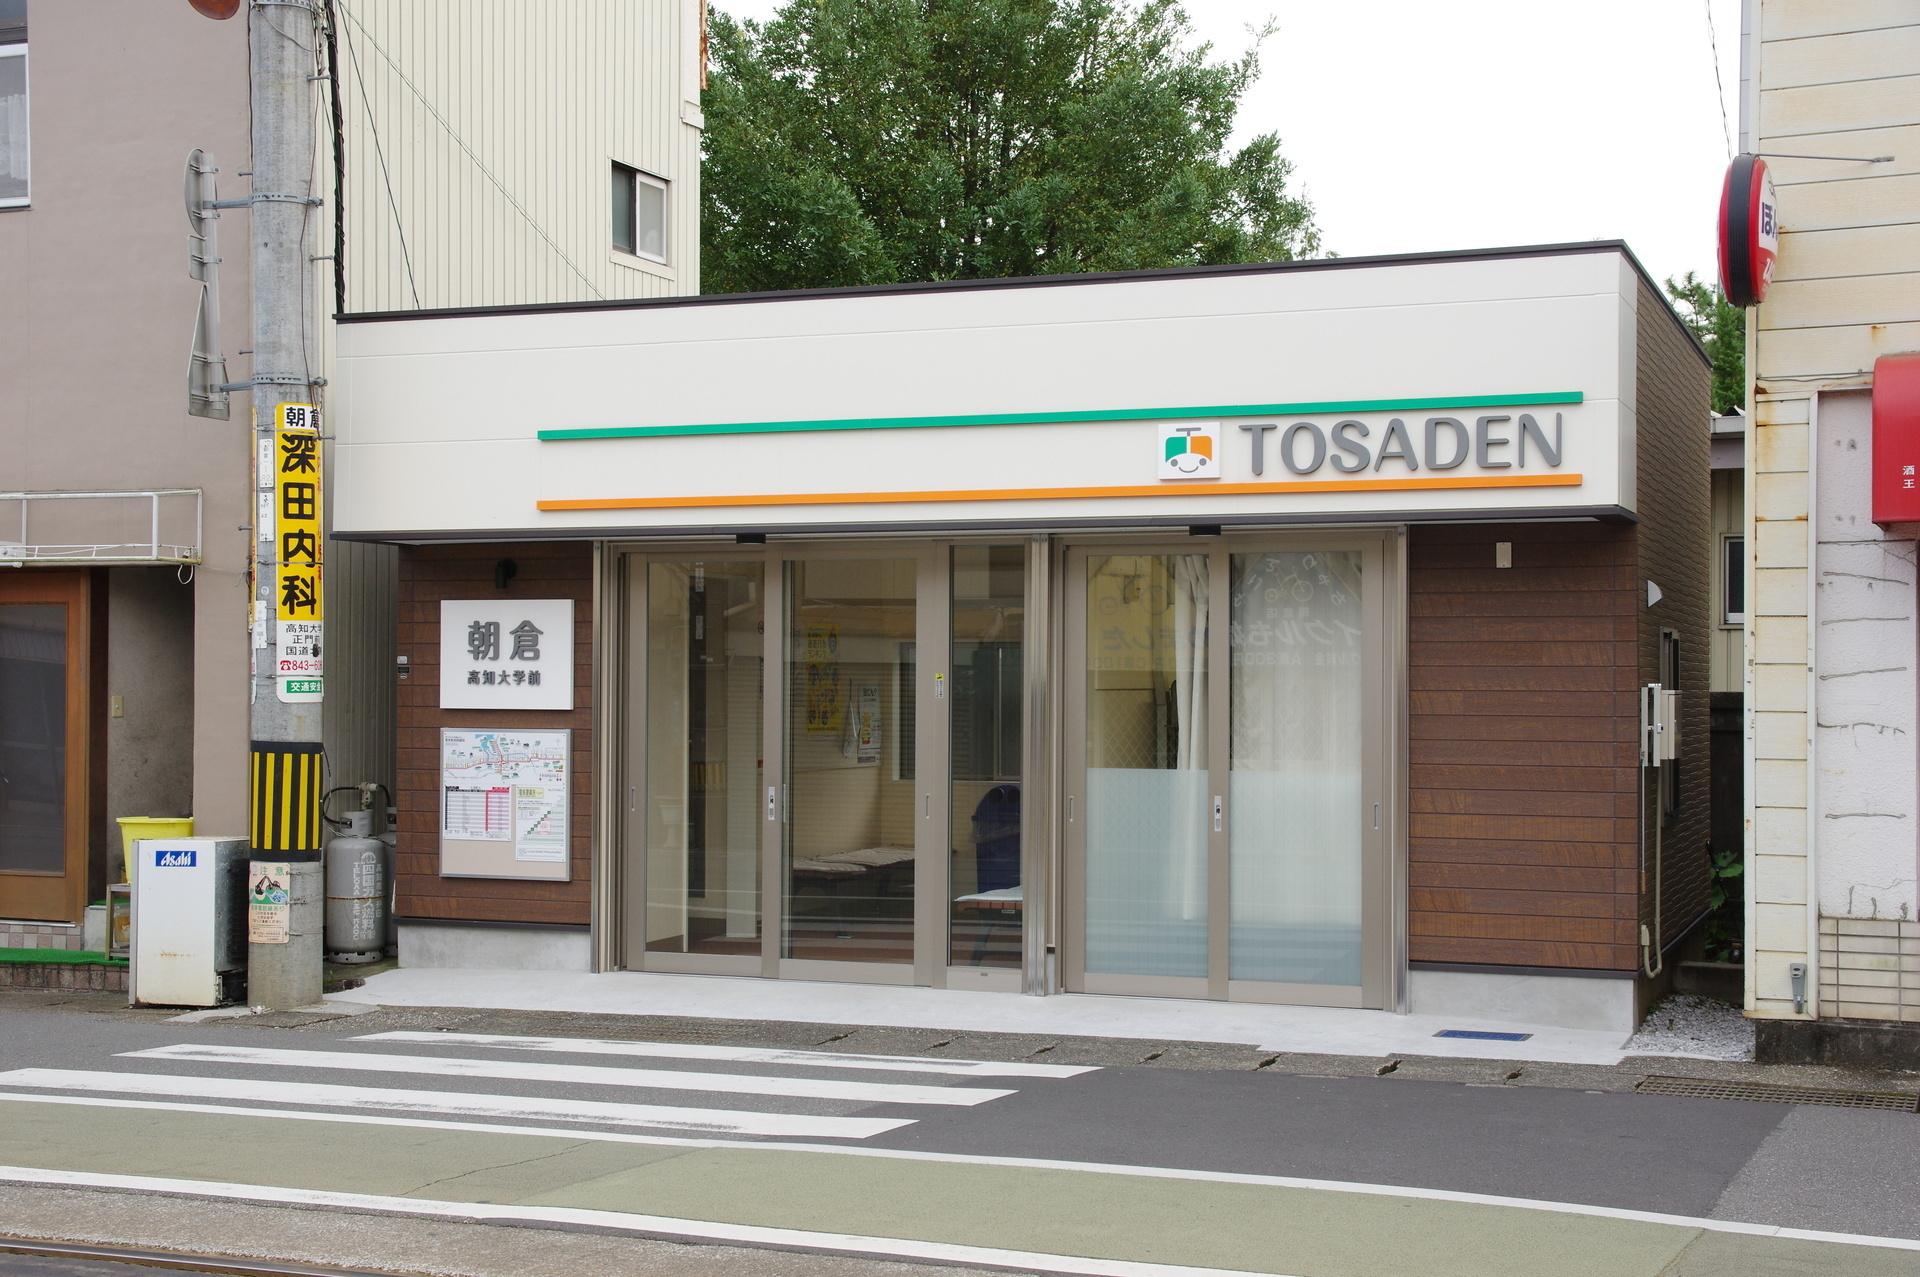 朝倉駅の待合所